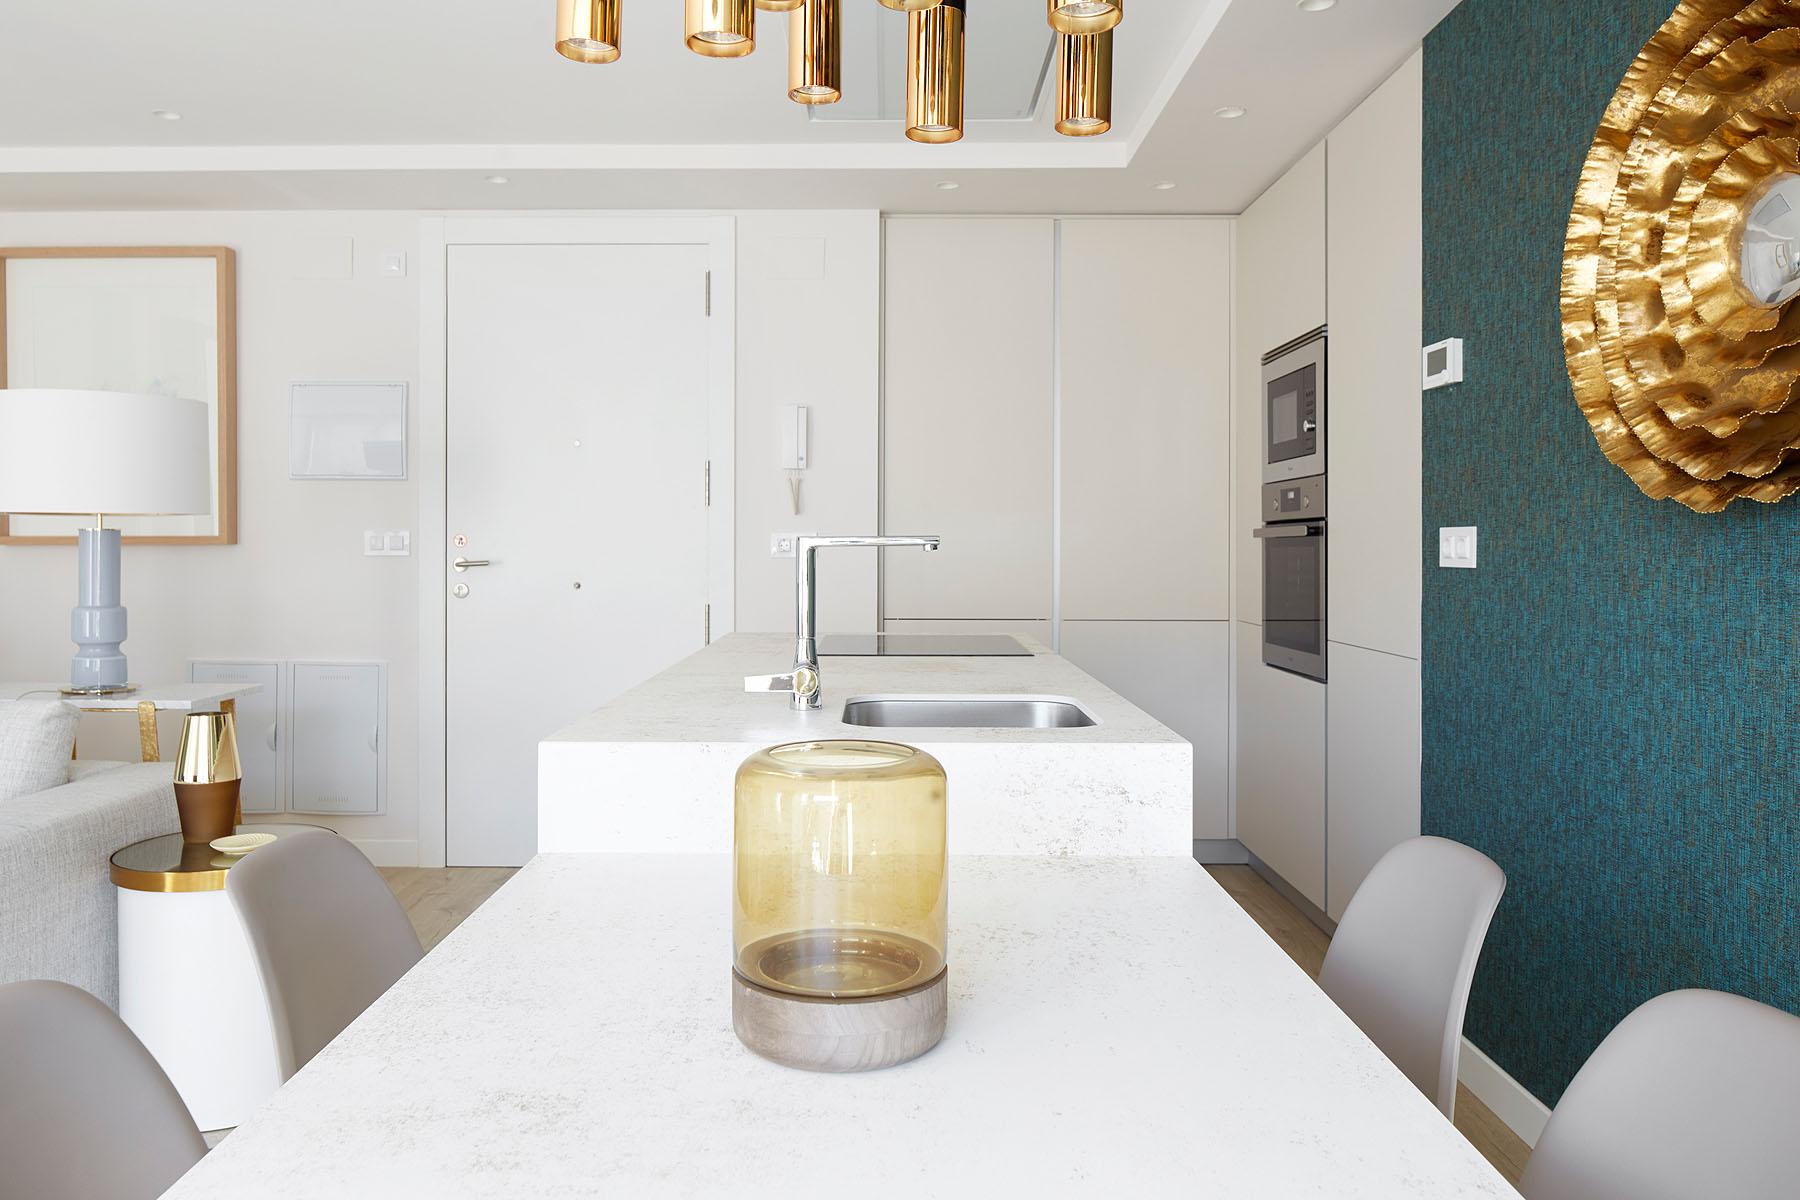 Apartamento La Concha Attic - Iñaki Caperochipi - Fotografía